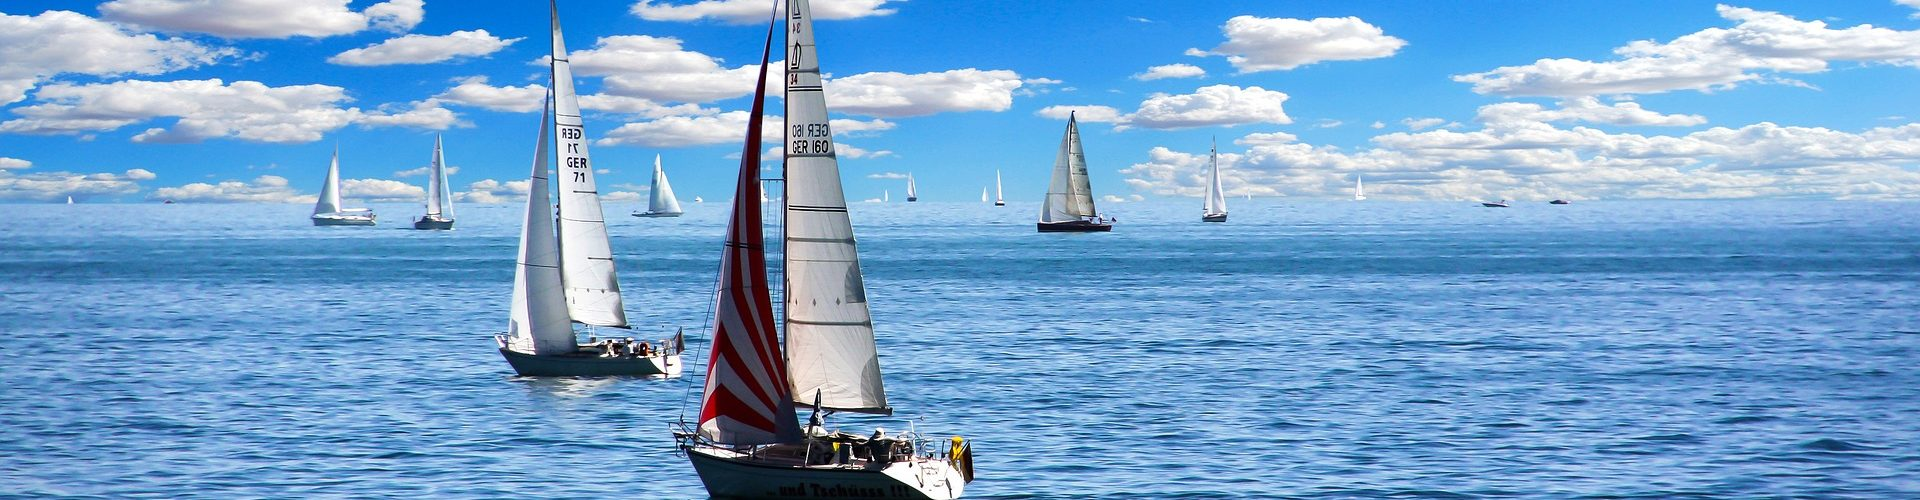 segeln lernen in Möhnesee segelschein machen in Möhnesee 1920x500 - Segeln lernen in Möhnesee